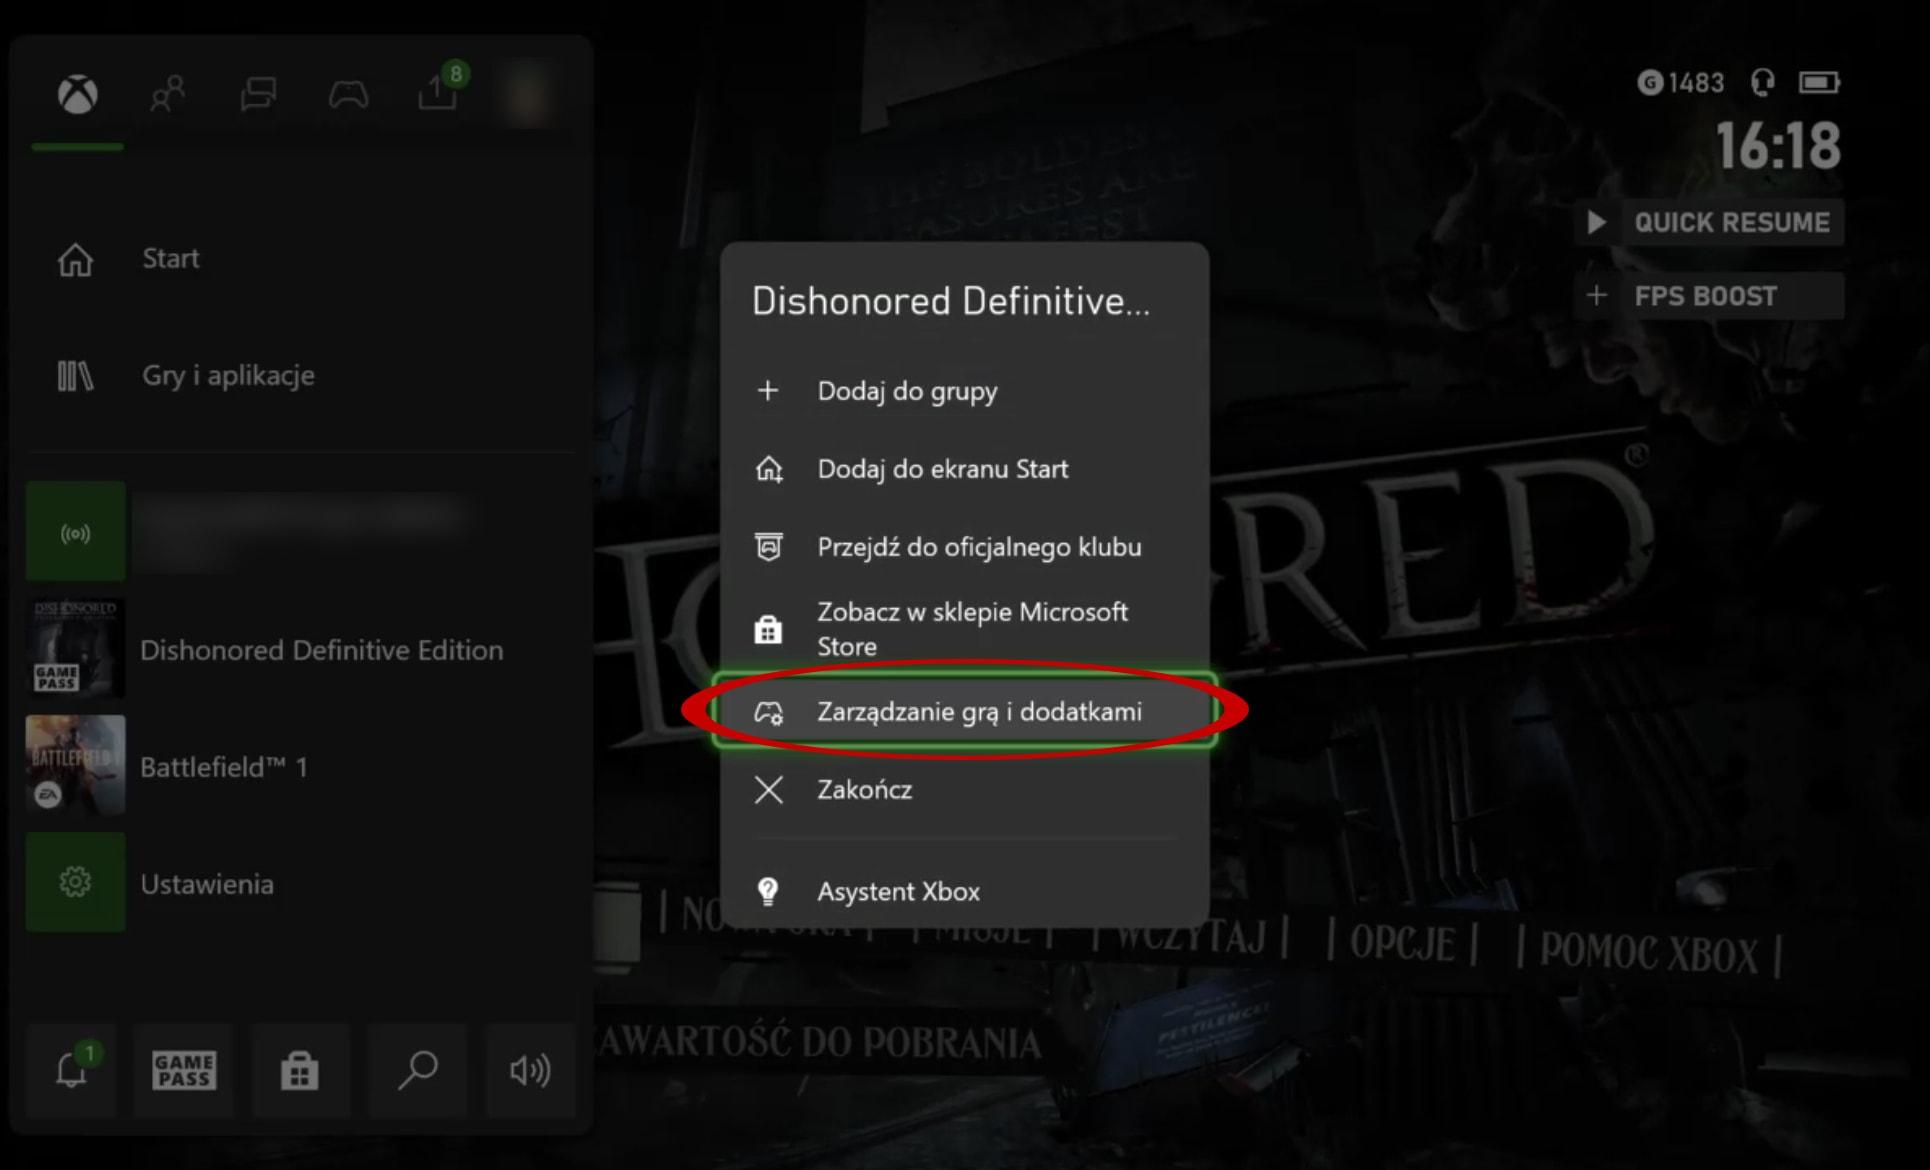 Jak włączyć FPS Boost